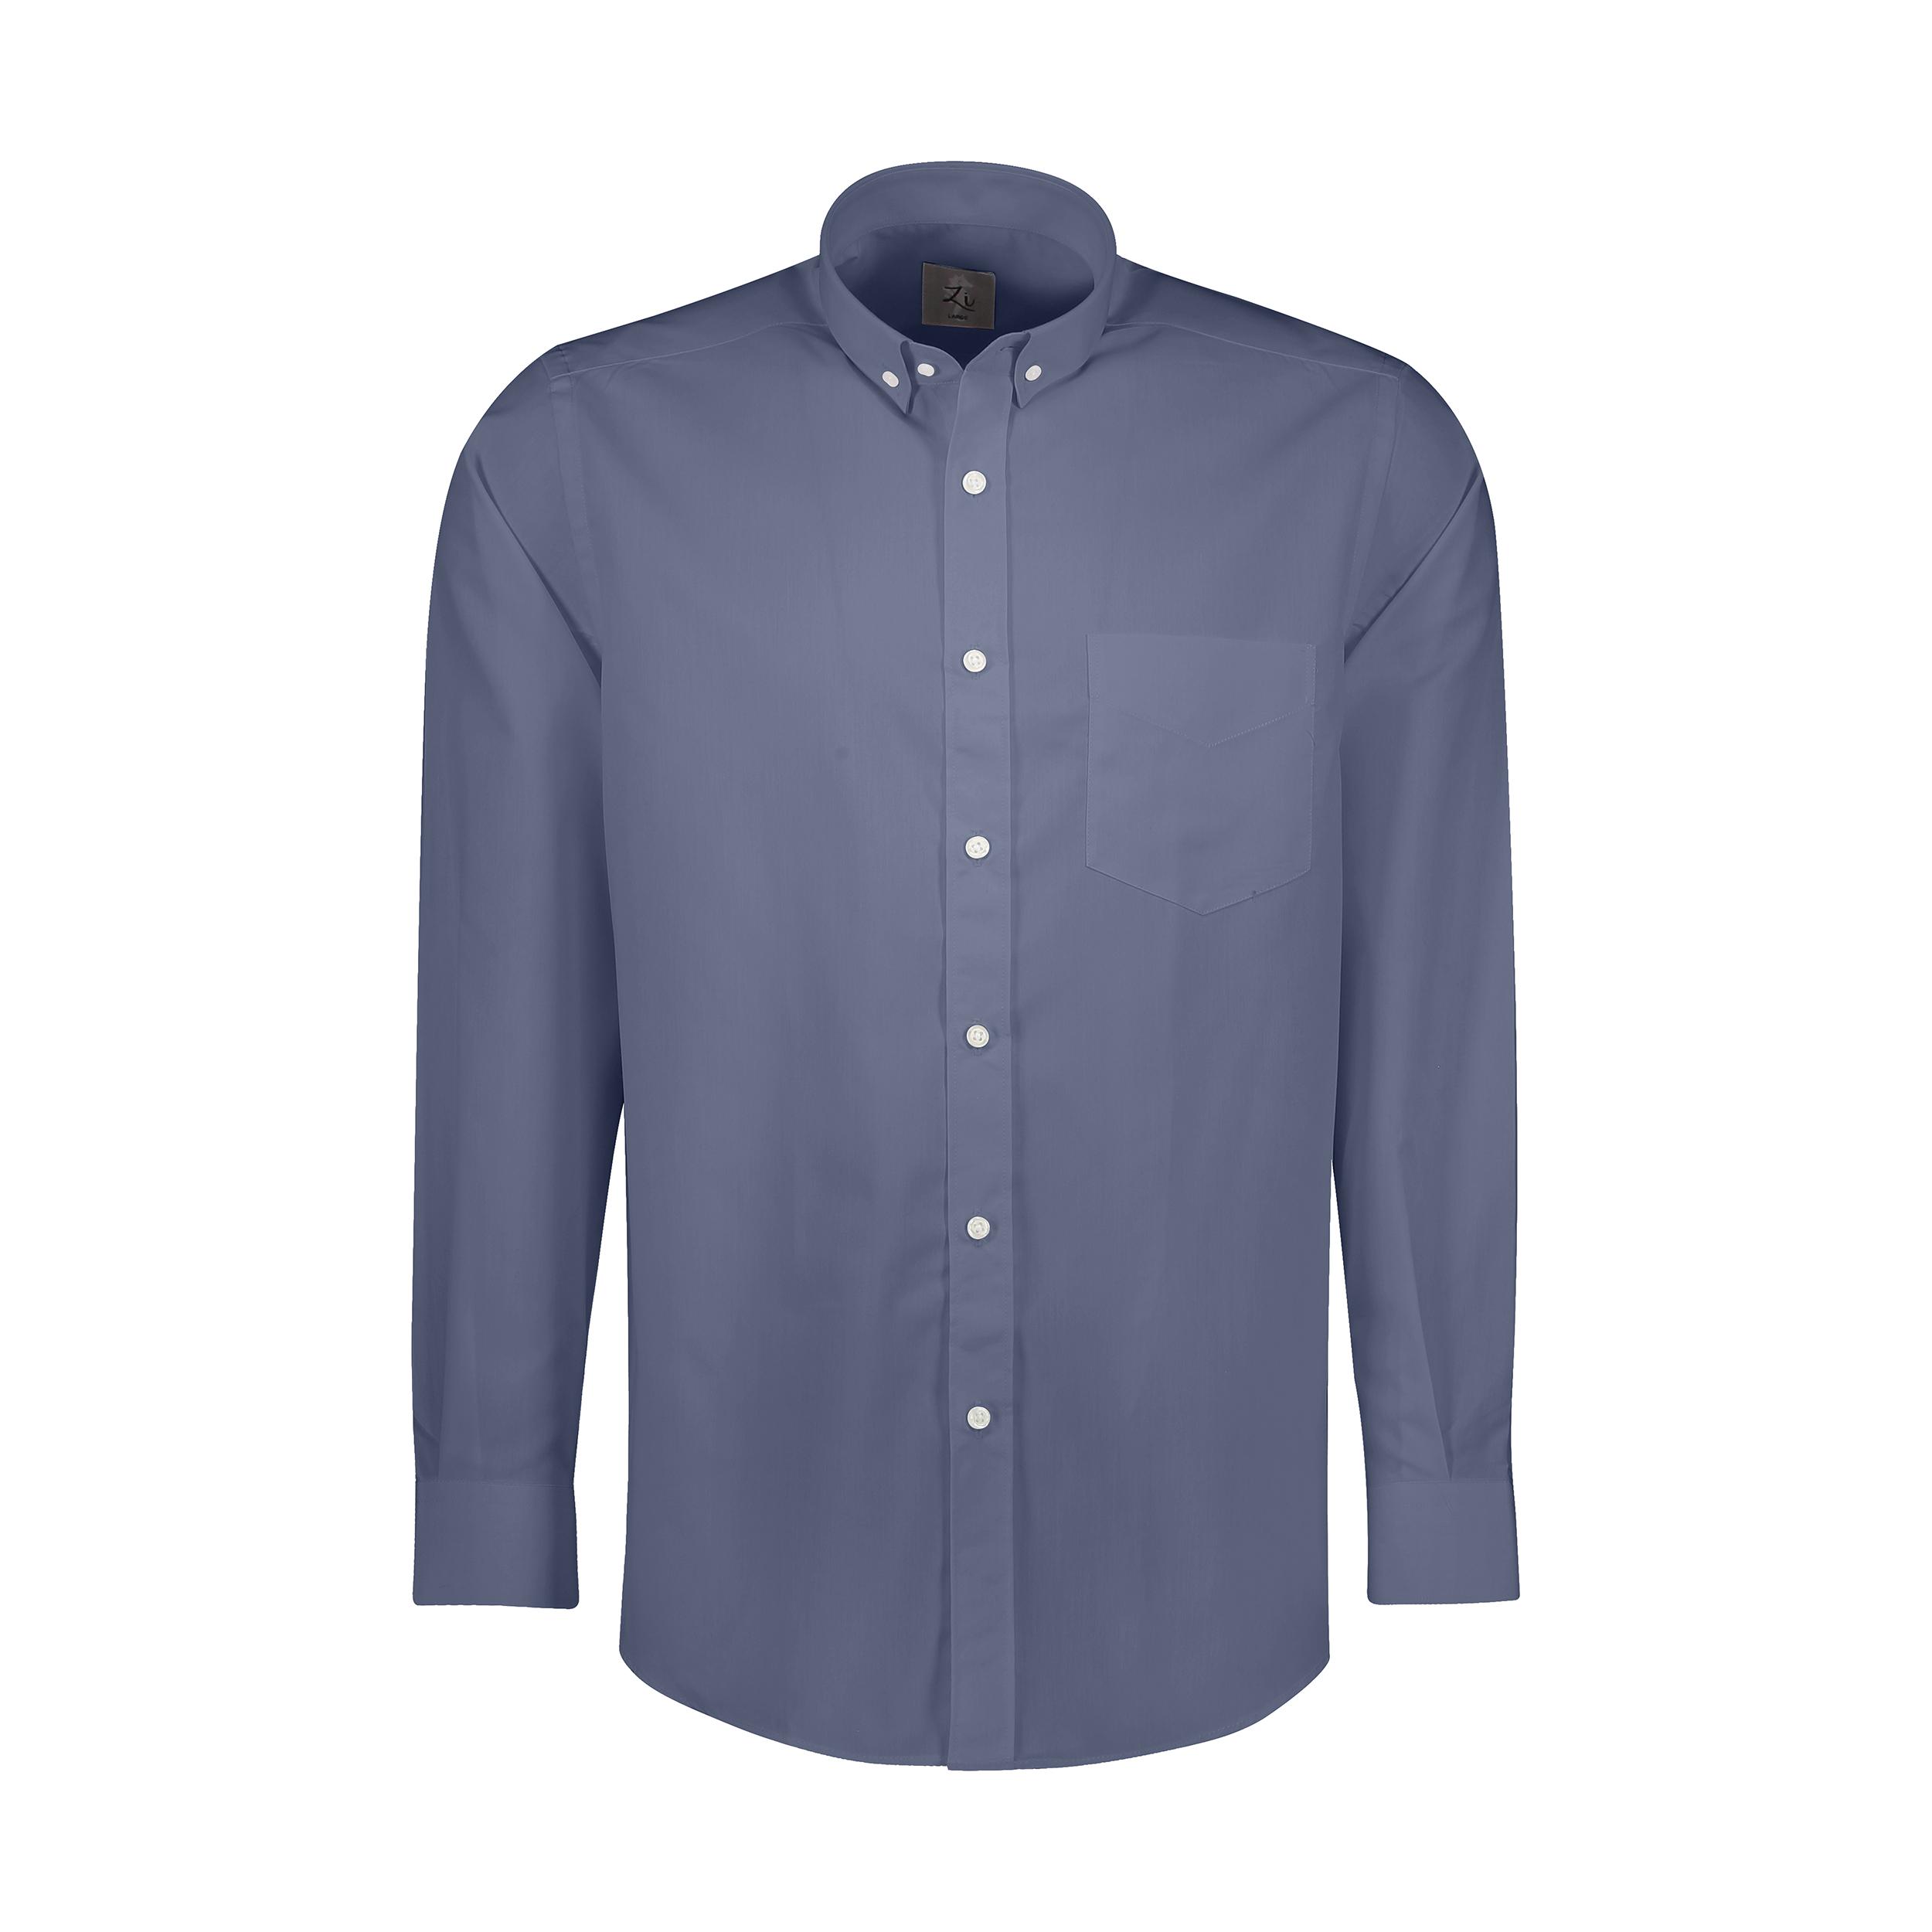 پیراهن آستین بلند مردانه زی مدل 153139277